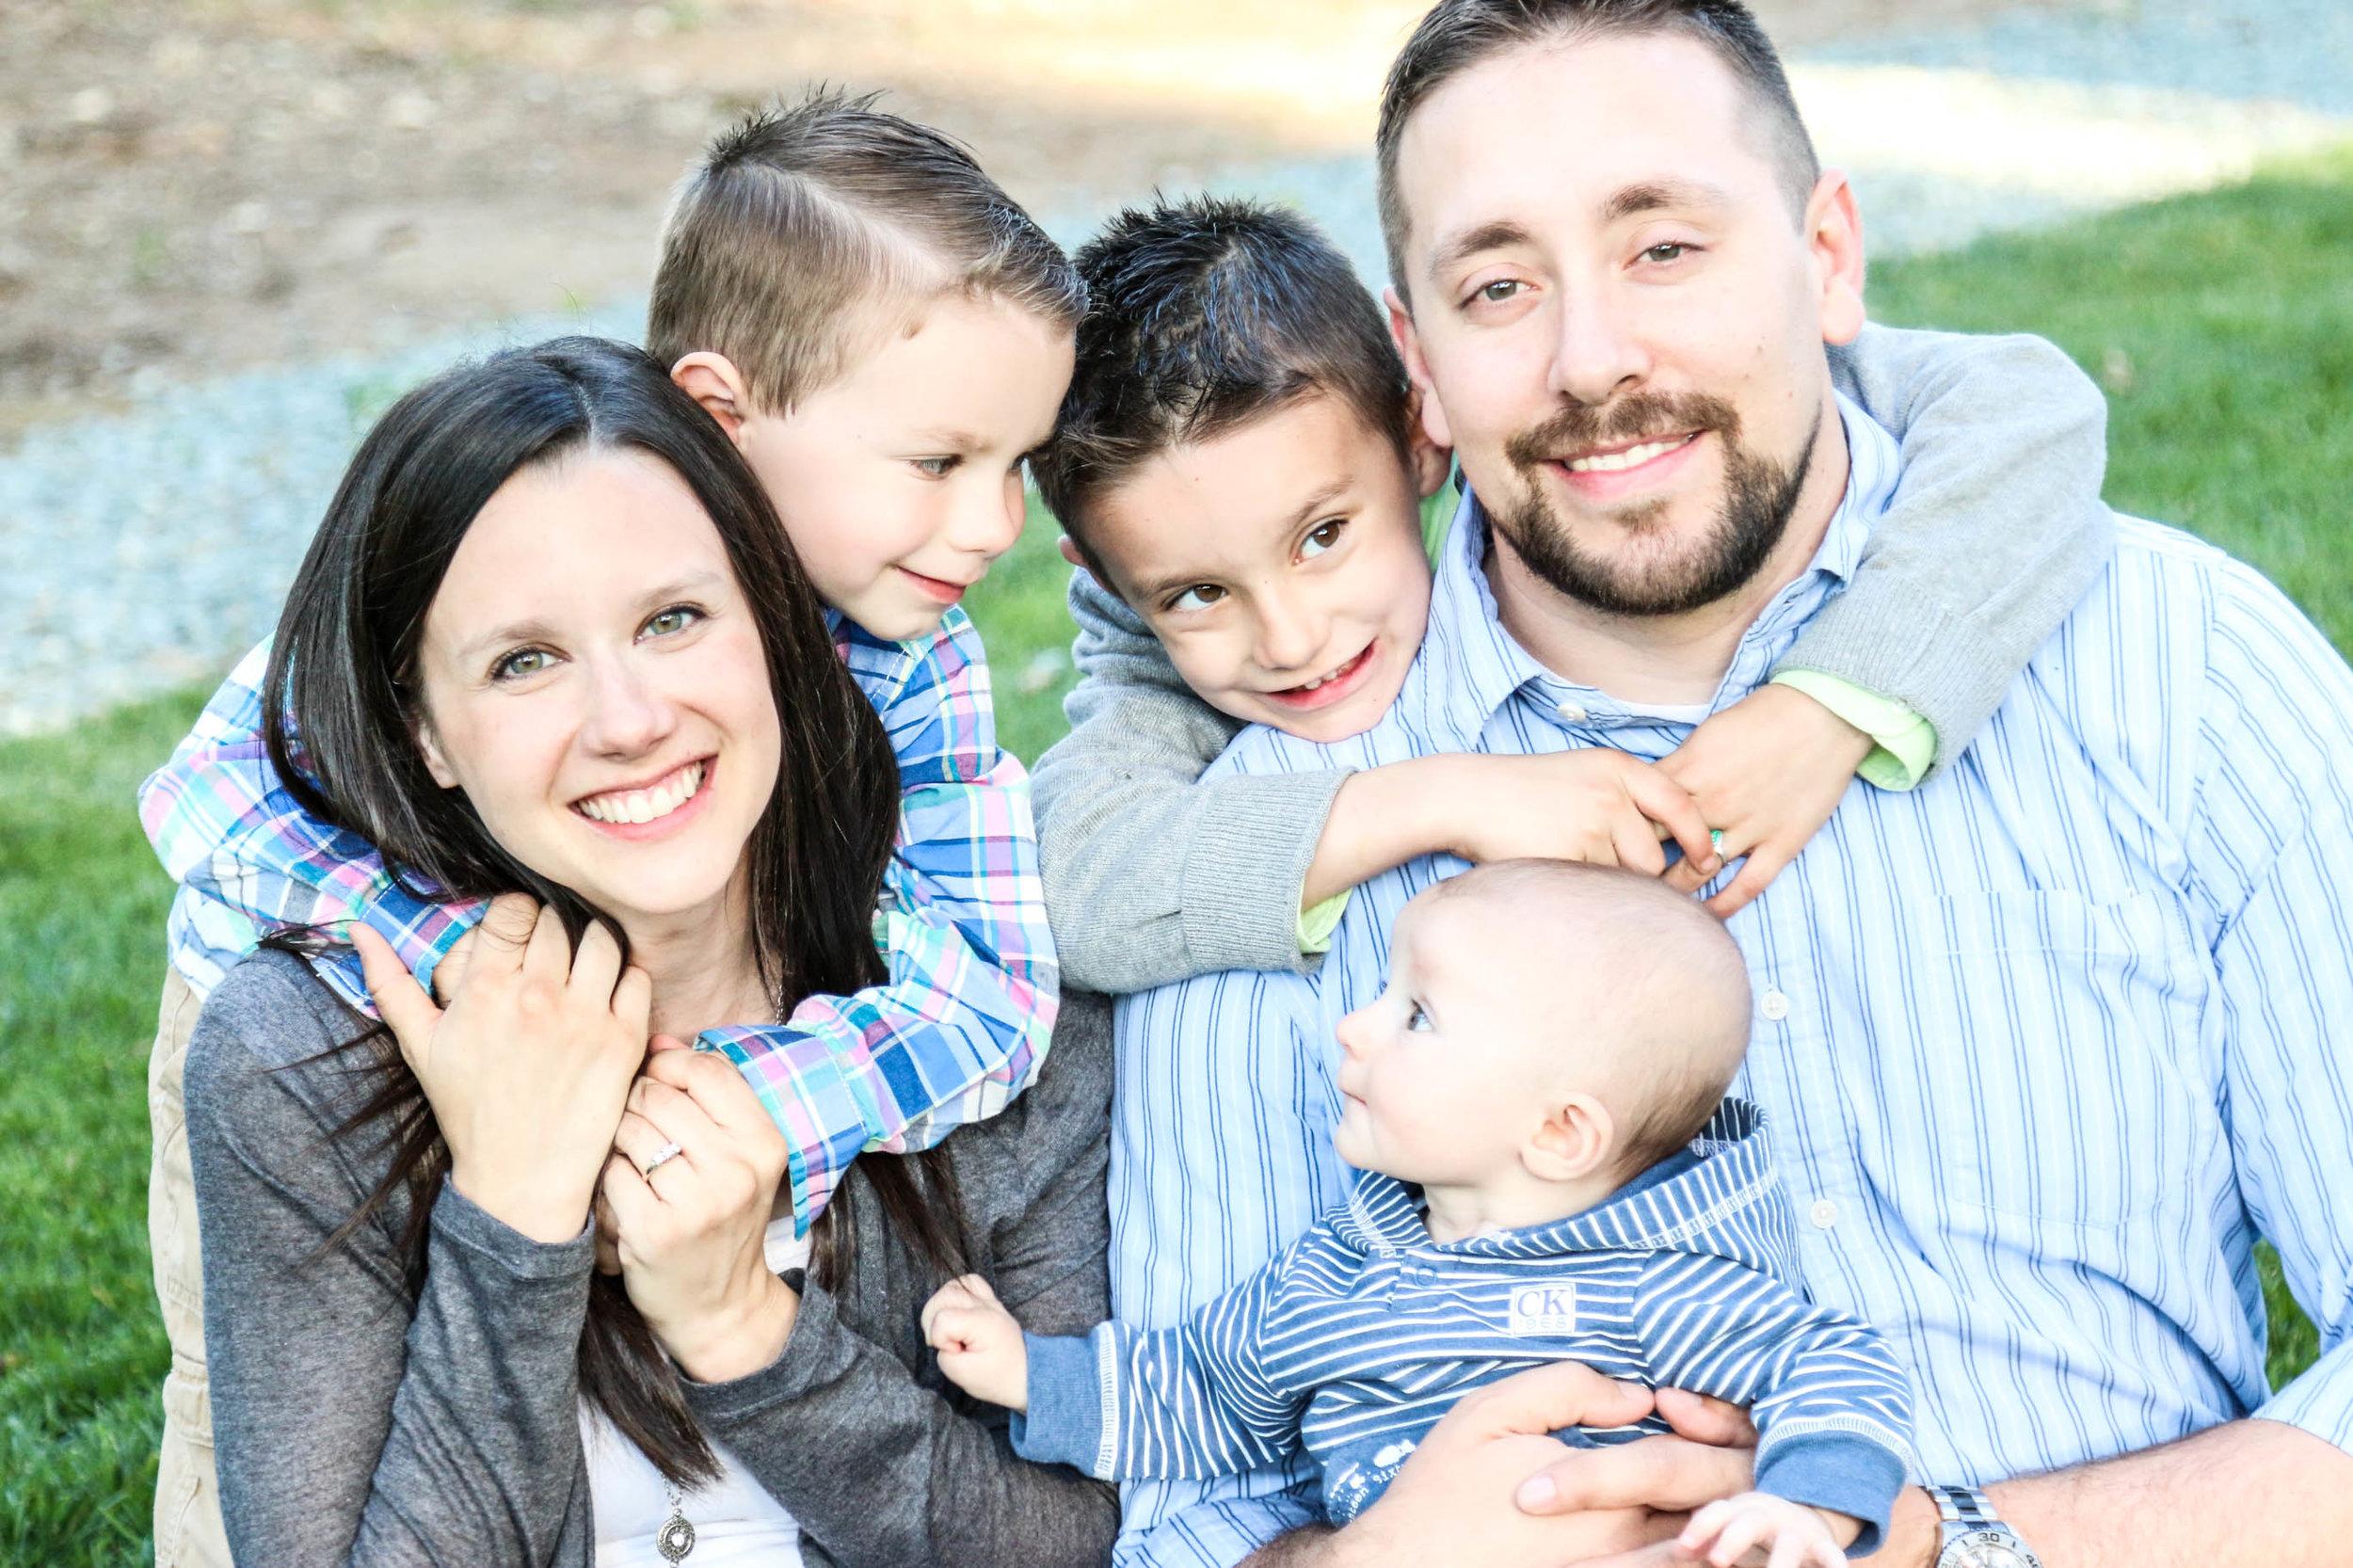 Haslem family photos Apr 2016-14.jpg